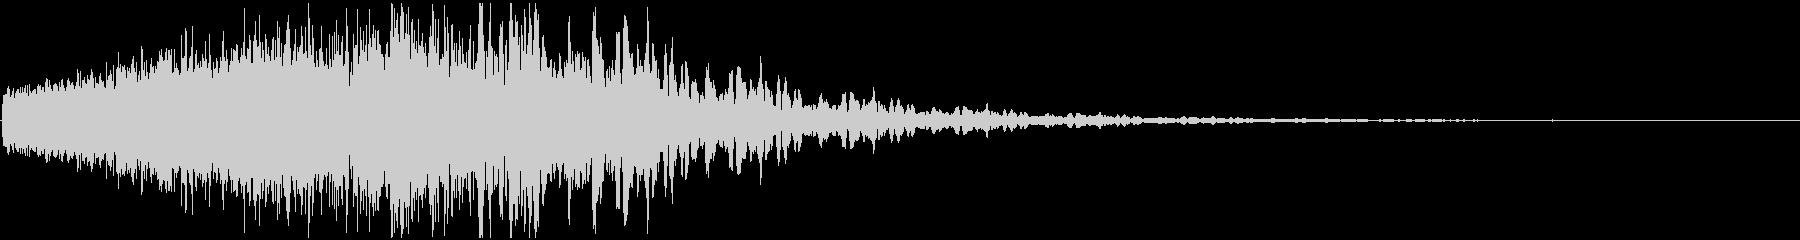 短いサイレン音の未再生の波形